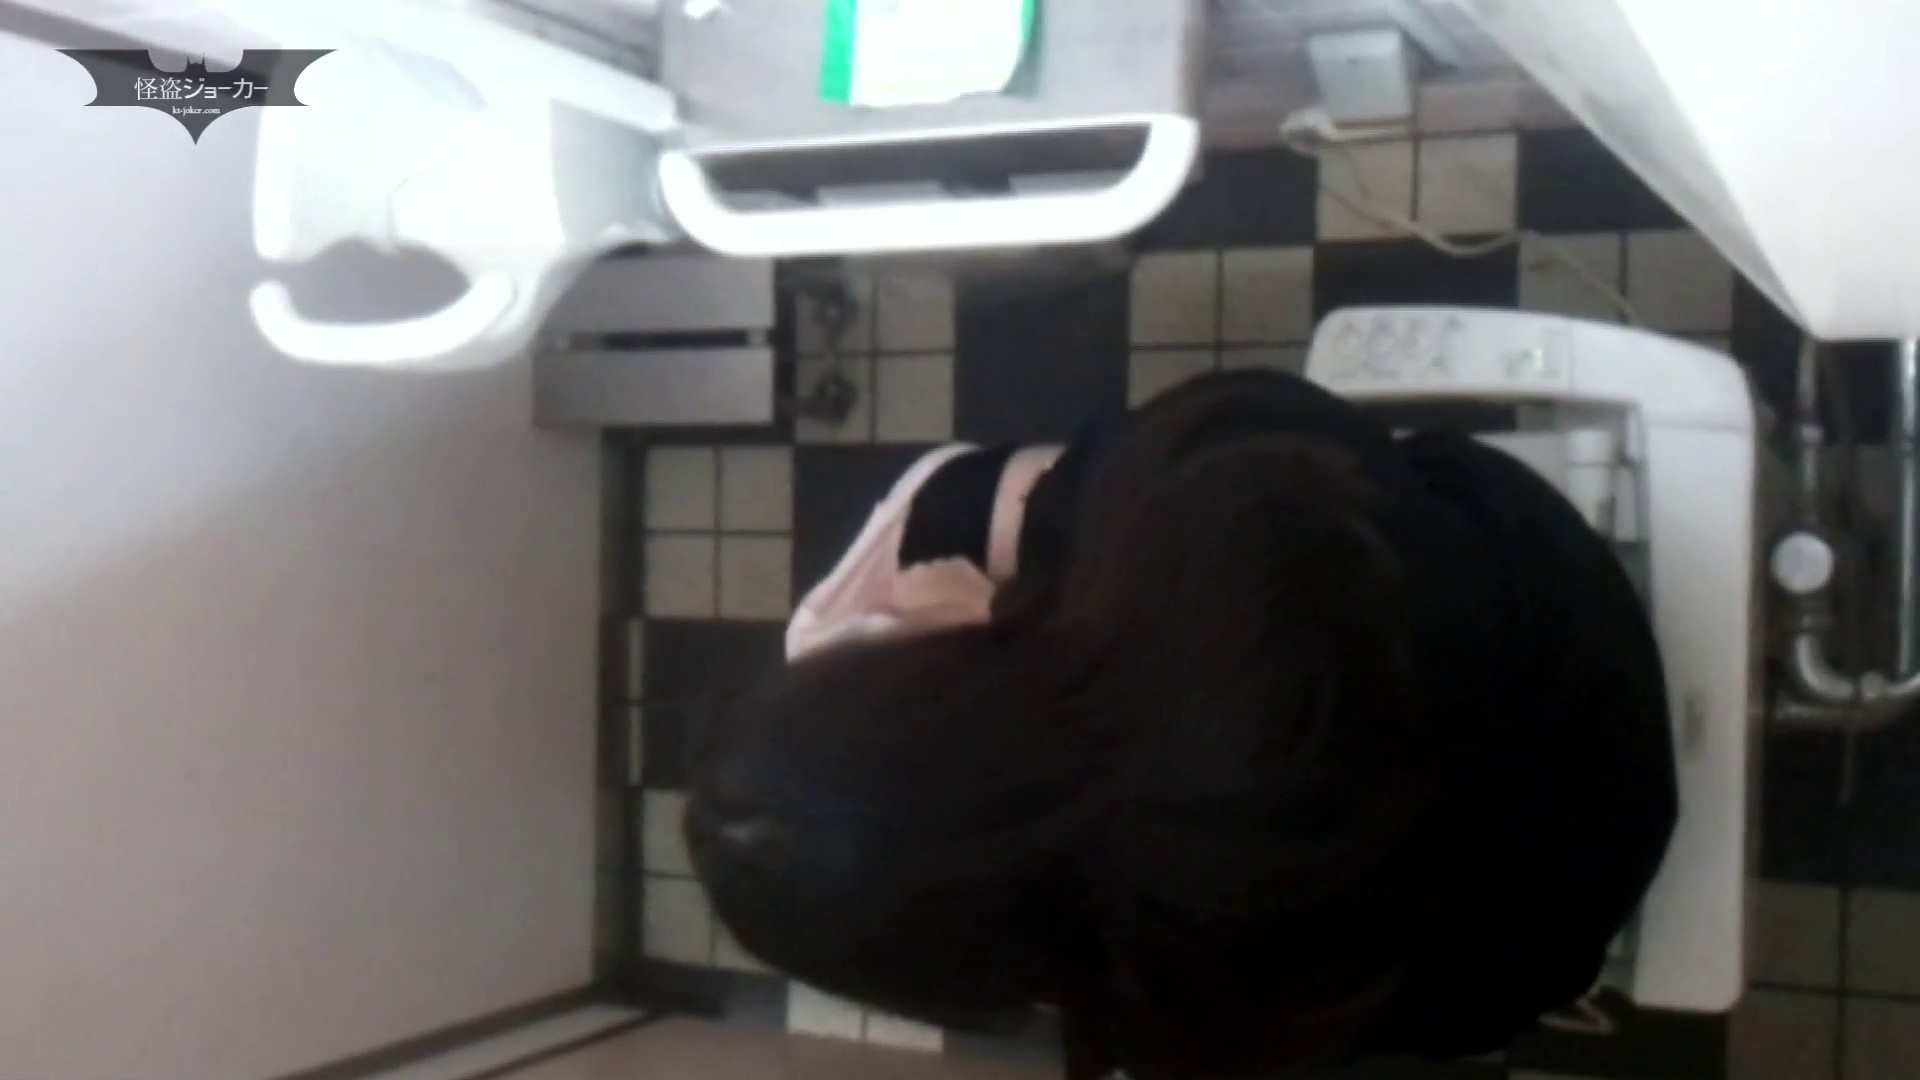 無修正エロ動画|化粧室絵巻 駅舎編 VOL.14 銀河さんおススメ「2」です。|怪盗ジョーカー